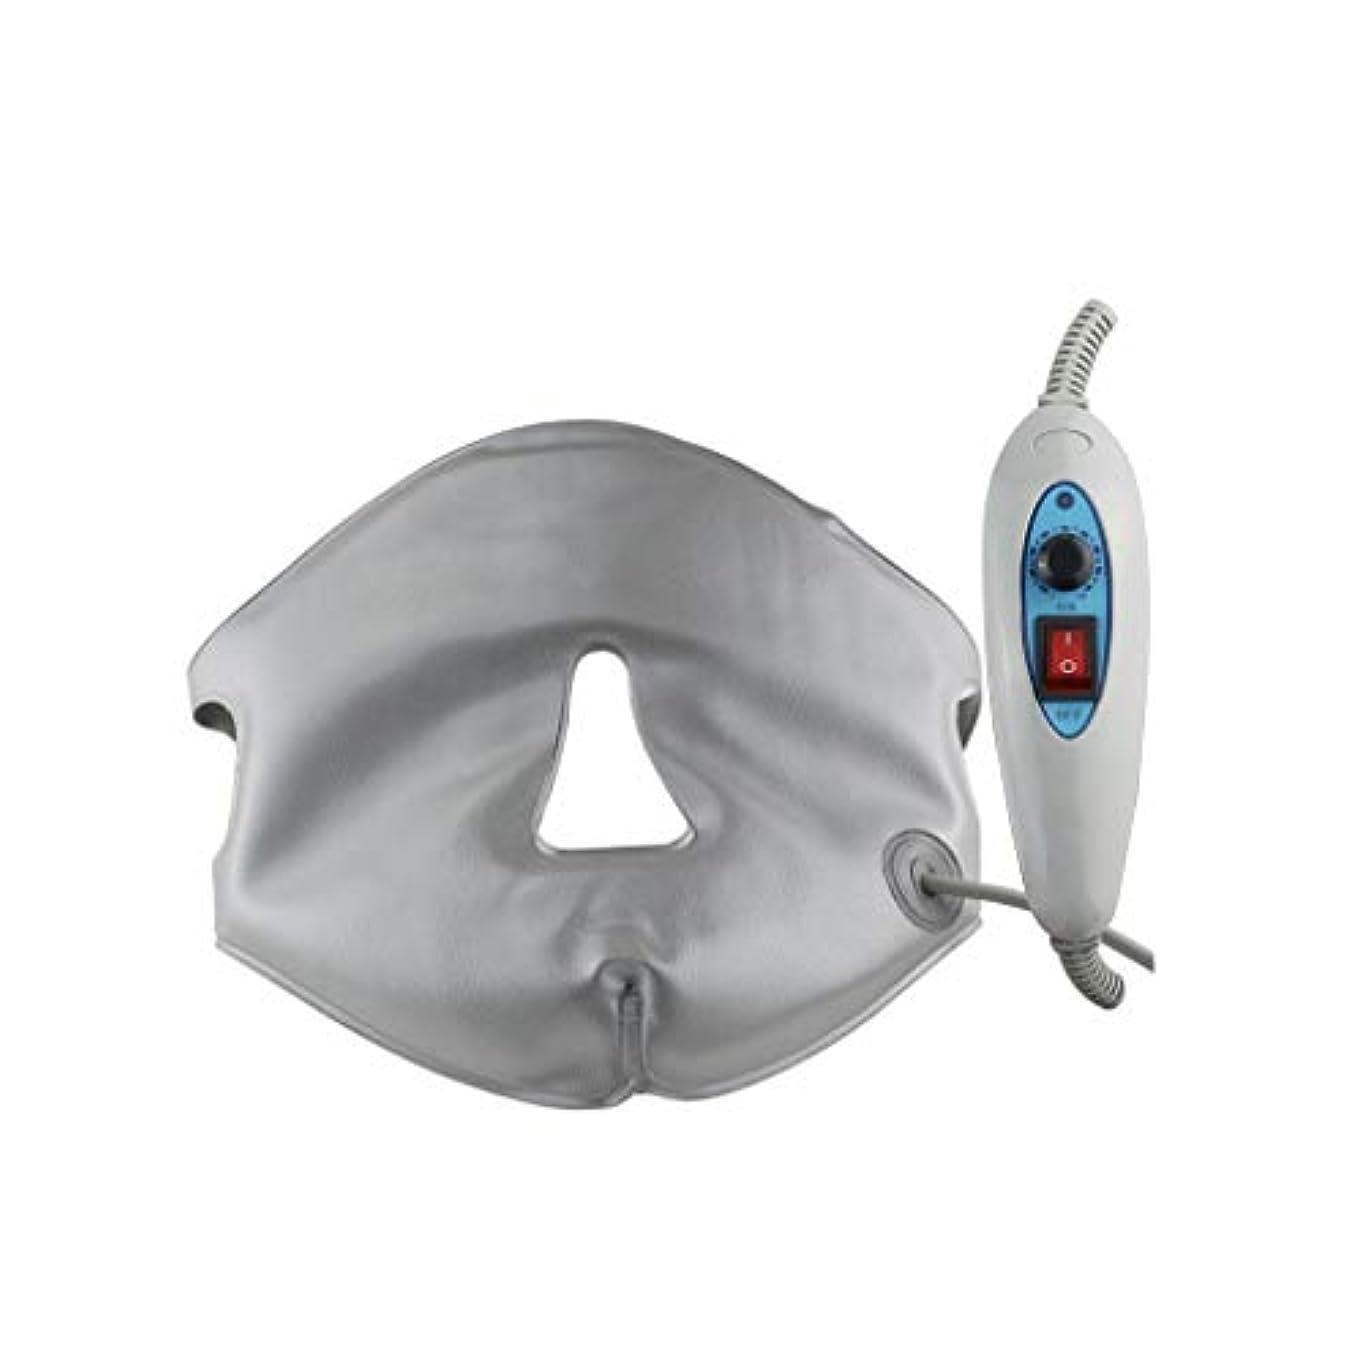 XHLMRMJ フェイスリフティングマスク、フェイシャルスリミング、遠赤外線ホワイトニングと若返りホットコンプレス、フェイシャルマッサージ、ハイドレーティングVフェイスマスク、美容機器